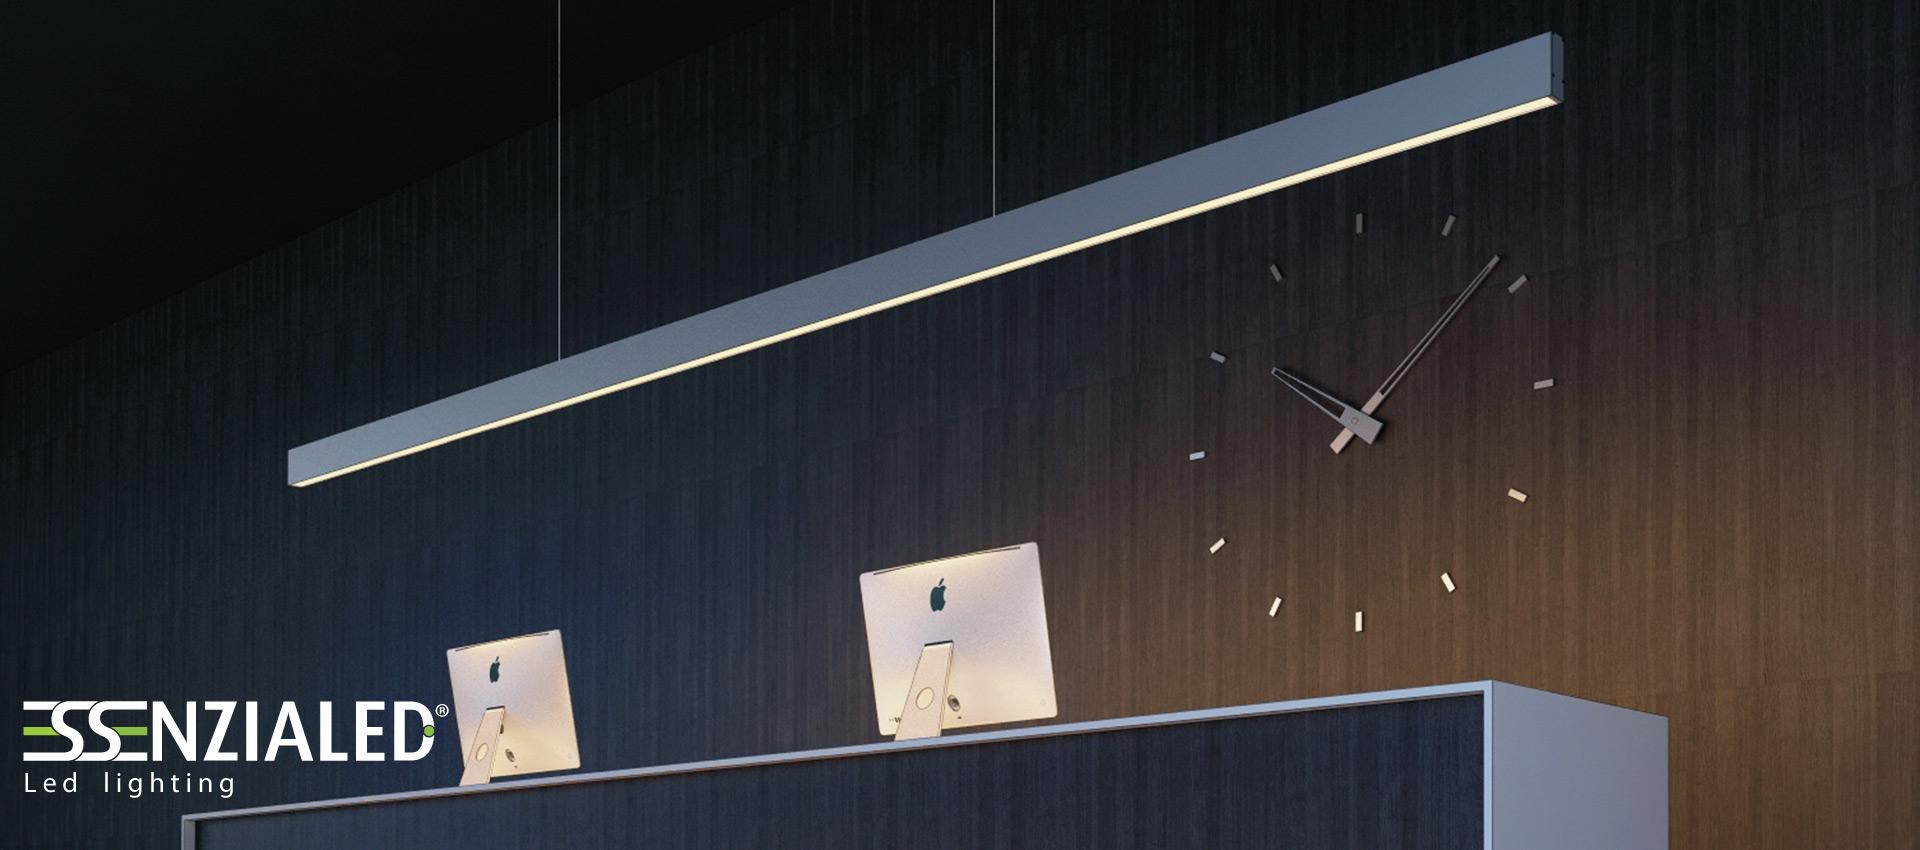 Illuminazione Led Per Ufficio: Illuminazione led da ufficio a torino.